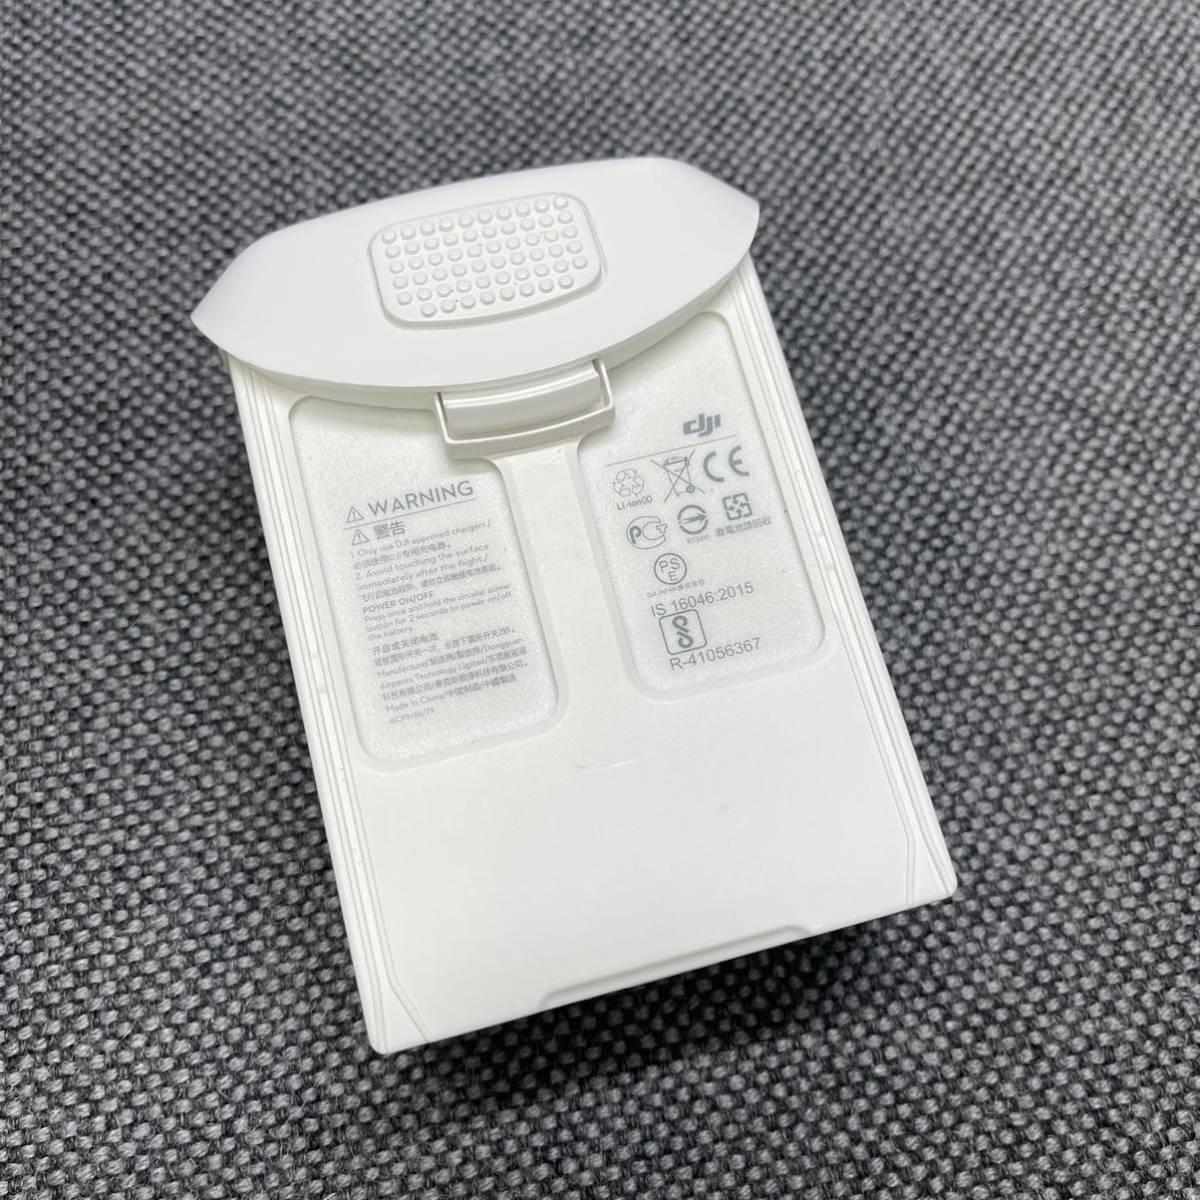 【充電27回】DJI Phantom4 純正大容量バッテリー 正常動作品 ファントム4シリーズ 送料0